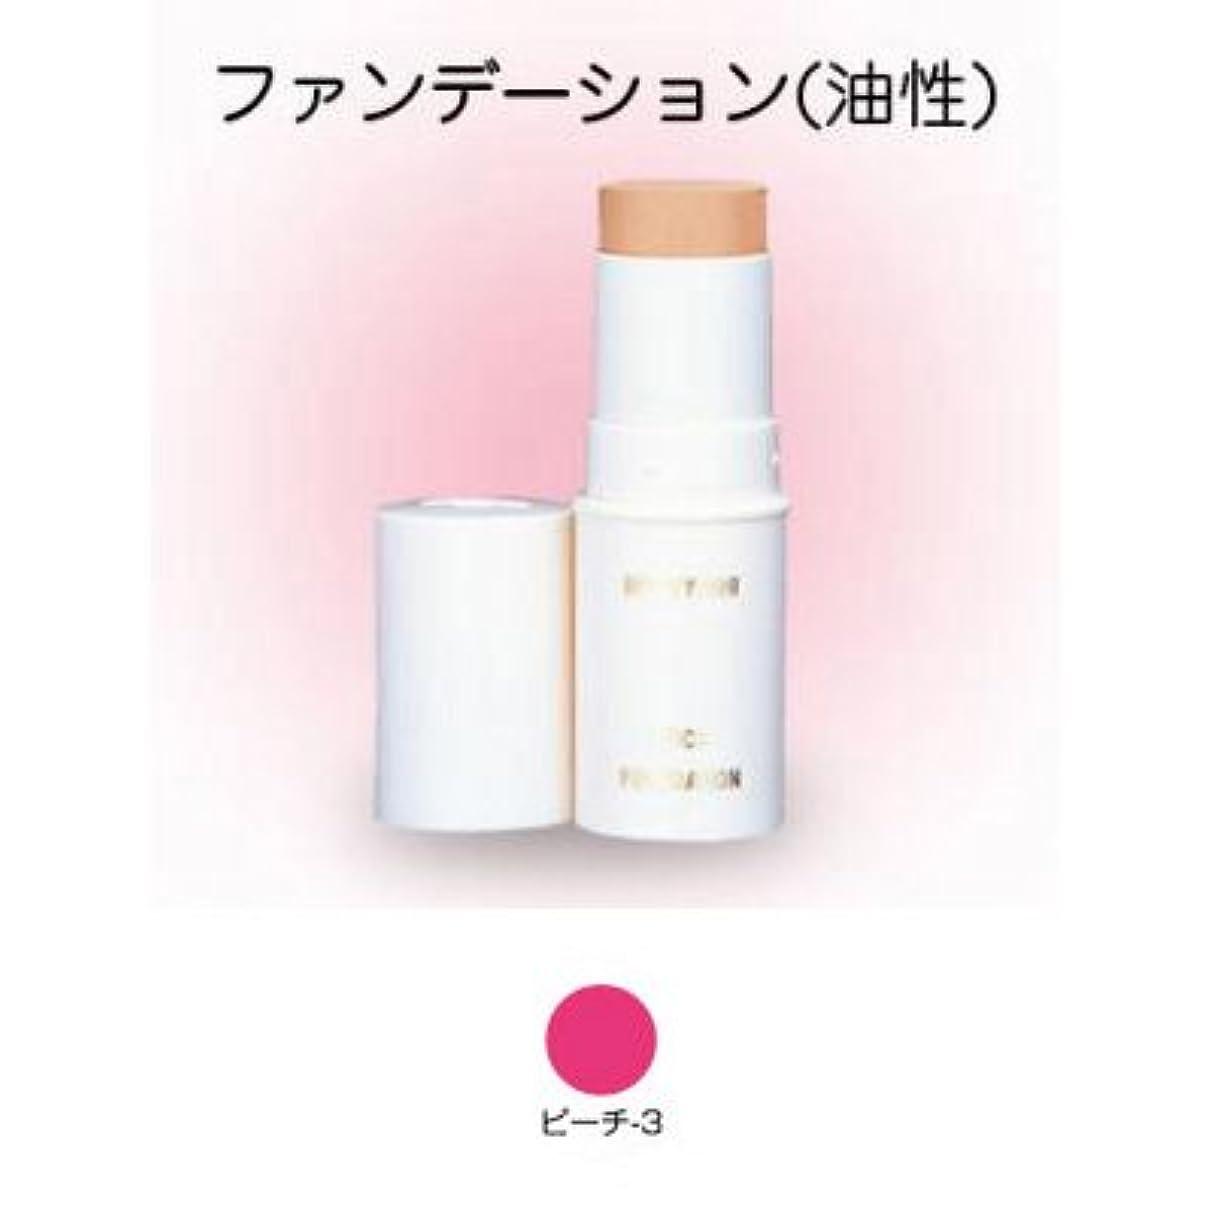 日没ケープ感じるスティックファンデーション 16g ピーチ-3 【三善】